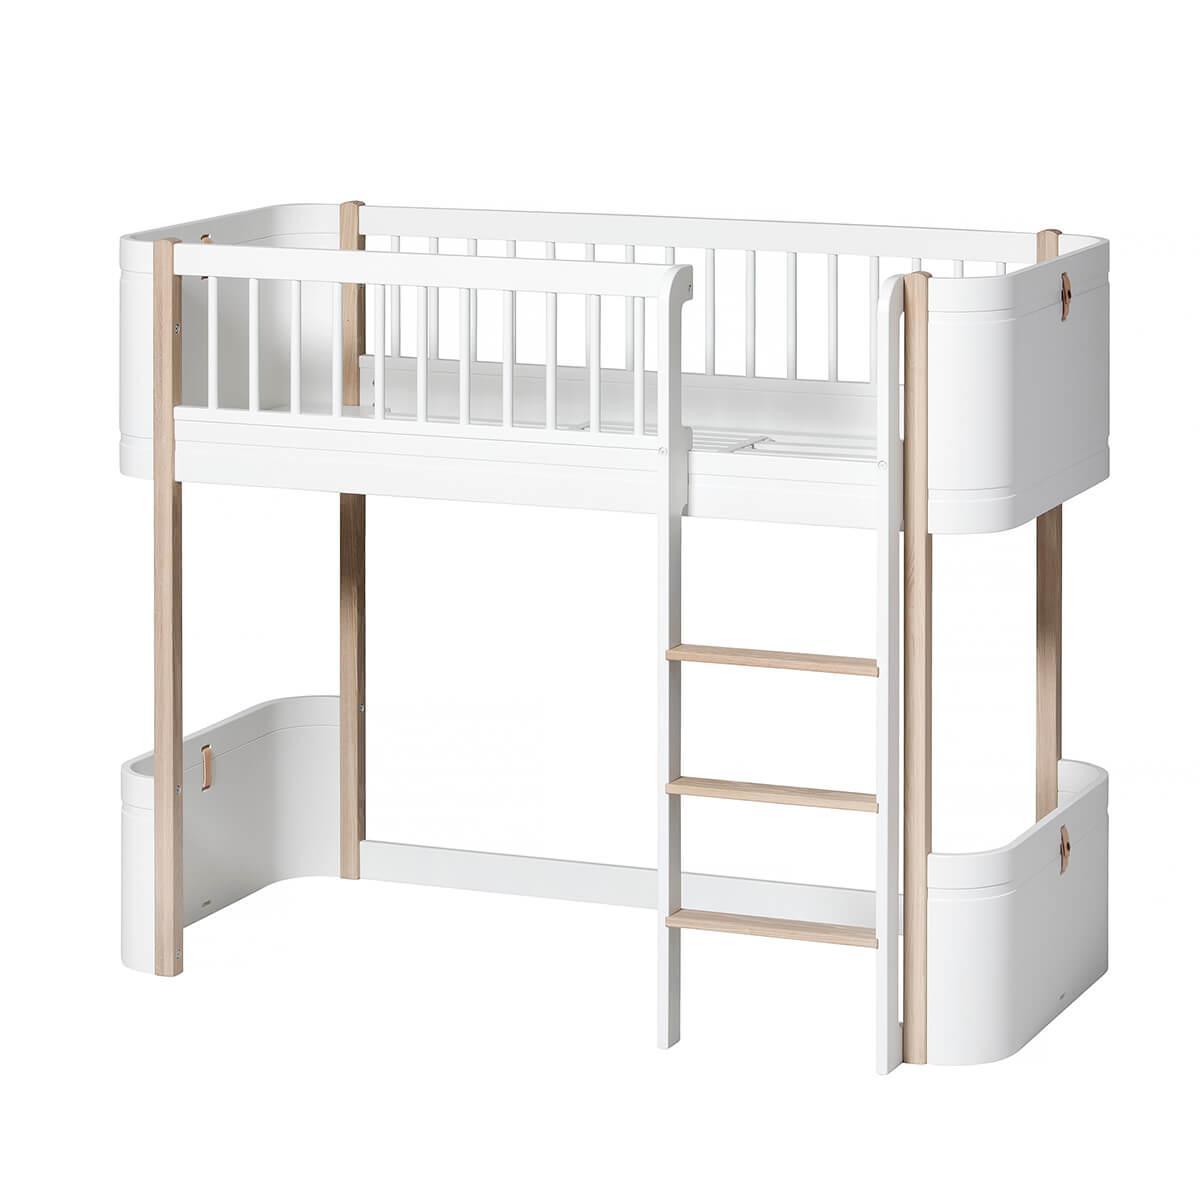 Lit évolutif mi hauteur 68x162cm MINI+ WOOD Oliver Furniture blanc-chêne